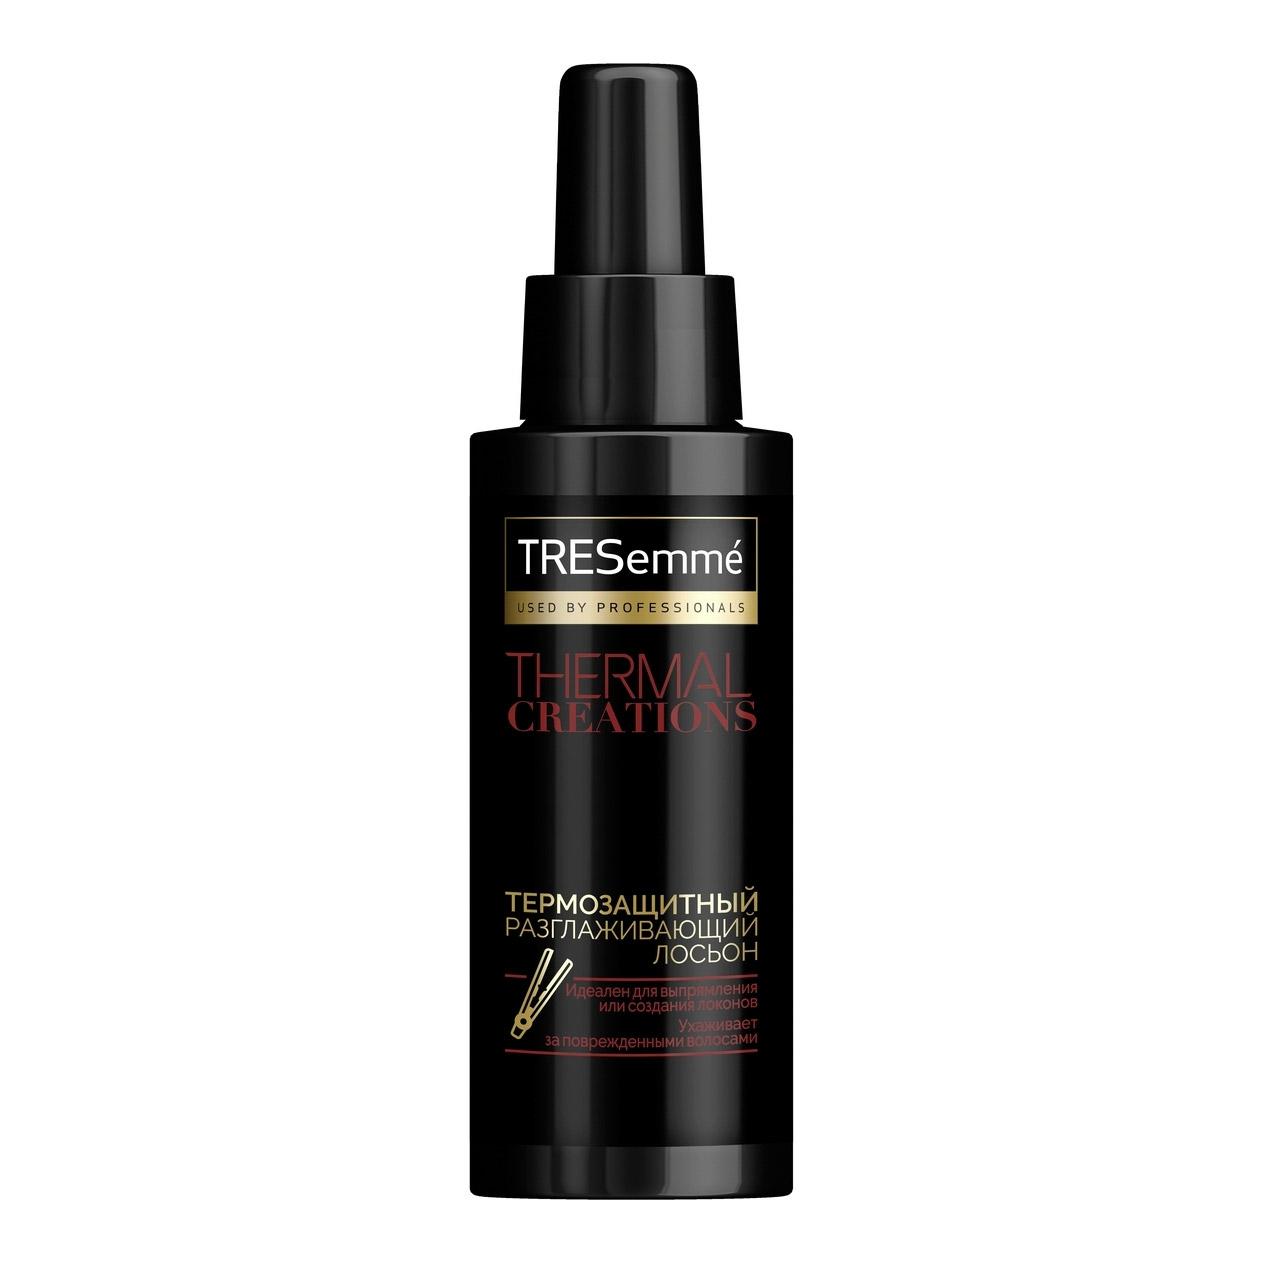 Лосьон для волос TRESemmé Thermal Creations термозащитный разглаживающий 125 мл ducray неоптид лосьон от выпадения волос для мужчин 100 мл